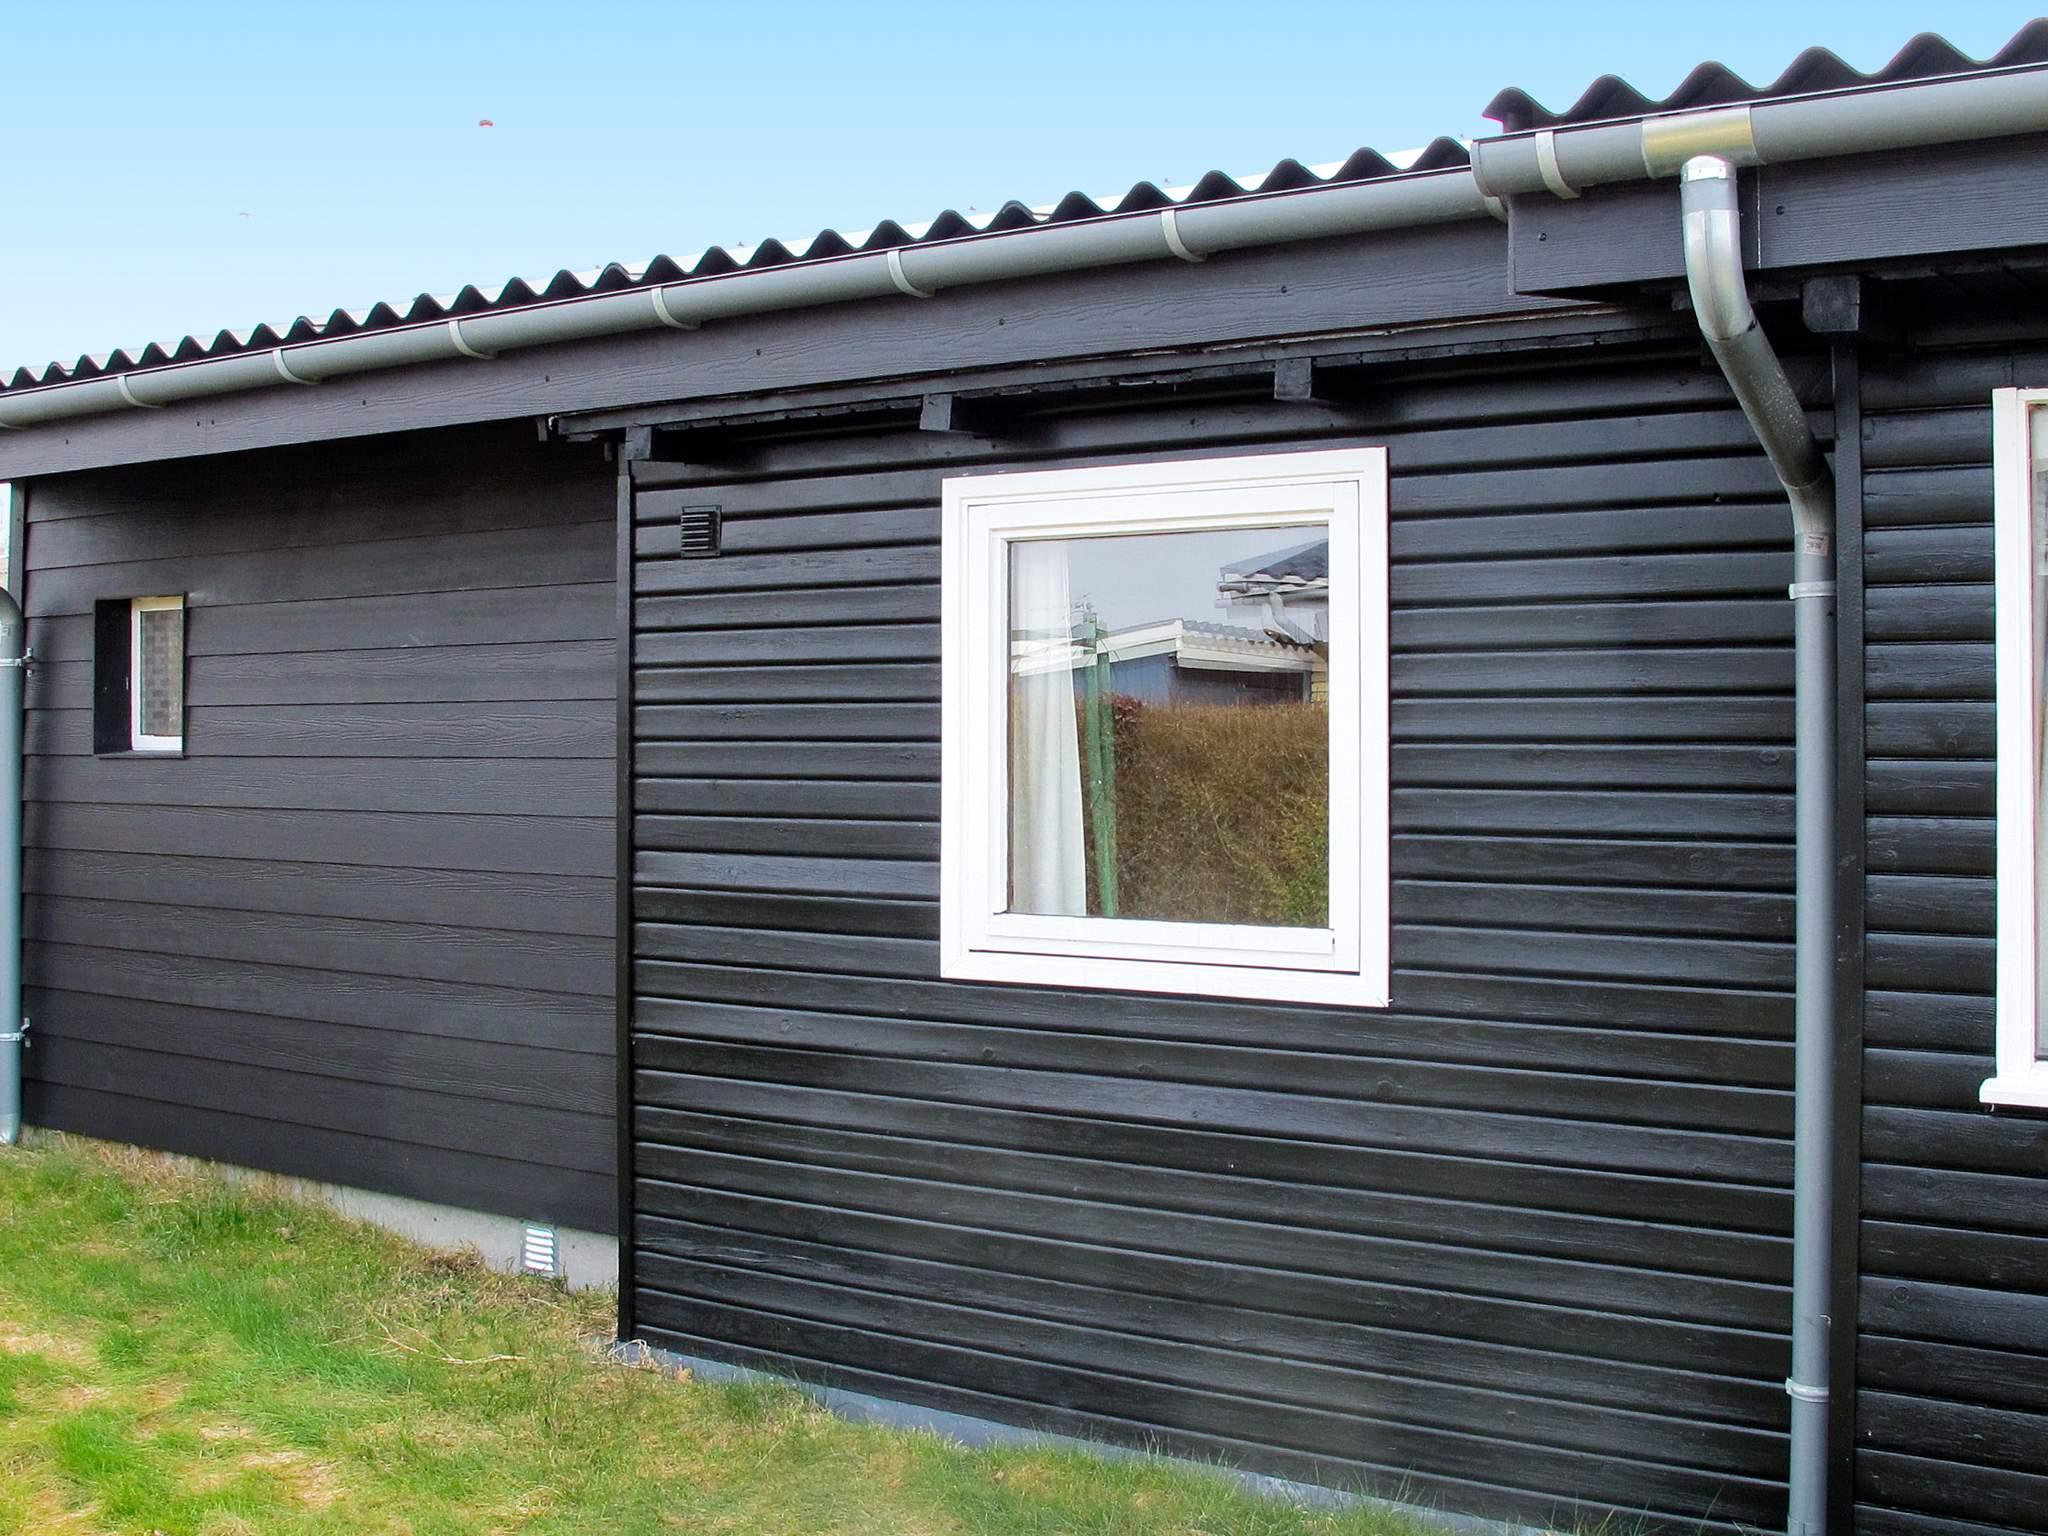 Ferienhaus Karrebæksminde (2404272), Karrebæksminde, , Südseeland, Dänemark, Bild 9